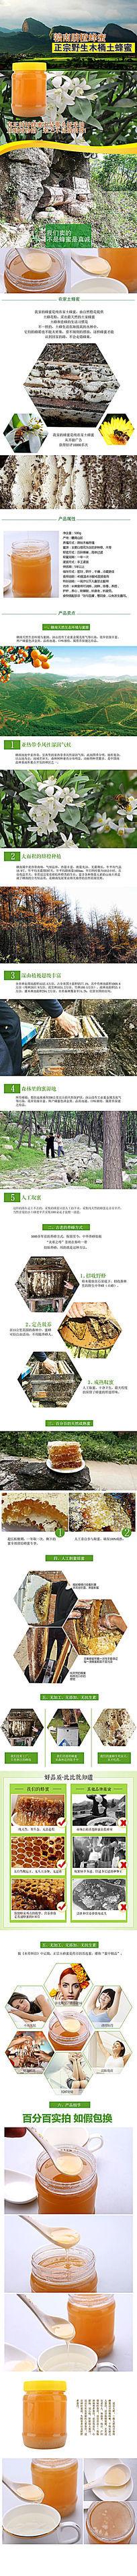 土蜂蜜淘宝详情页设计PSD分层